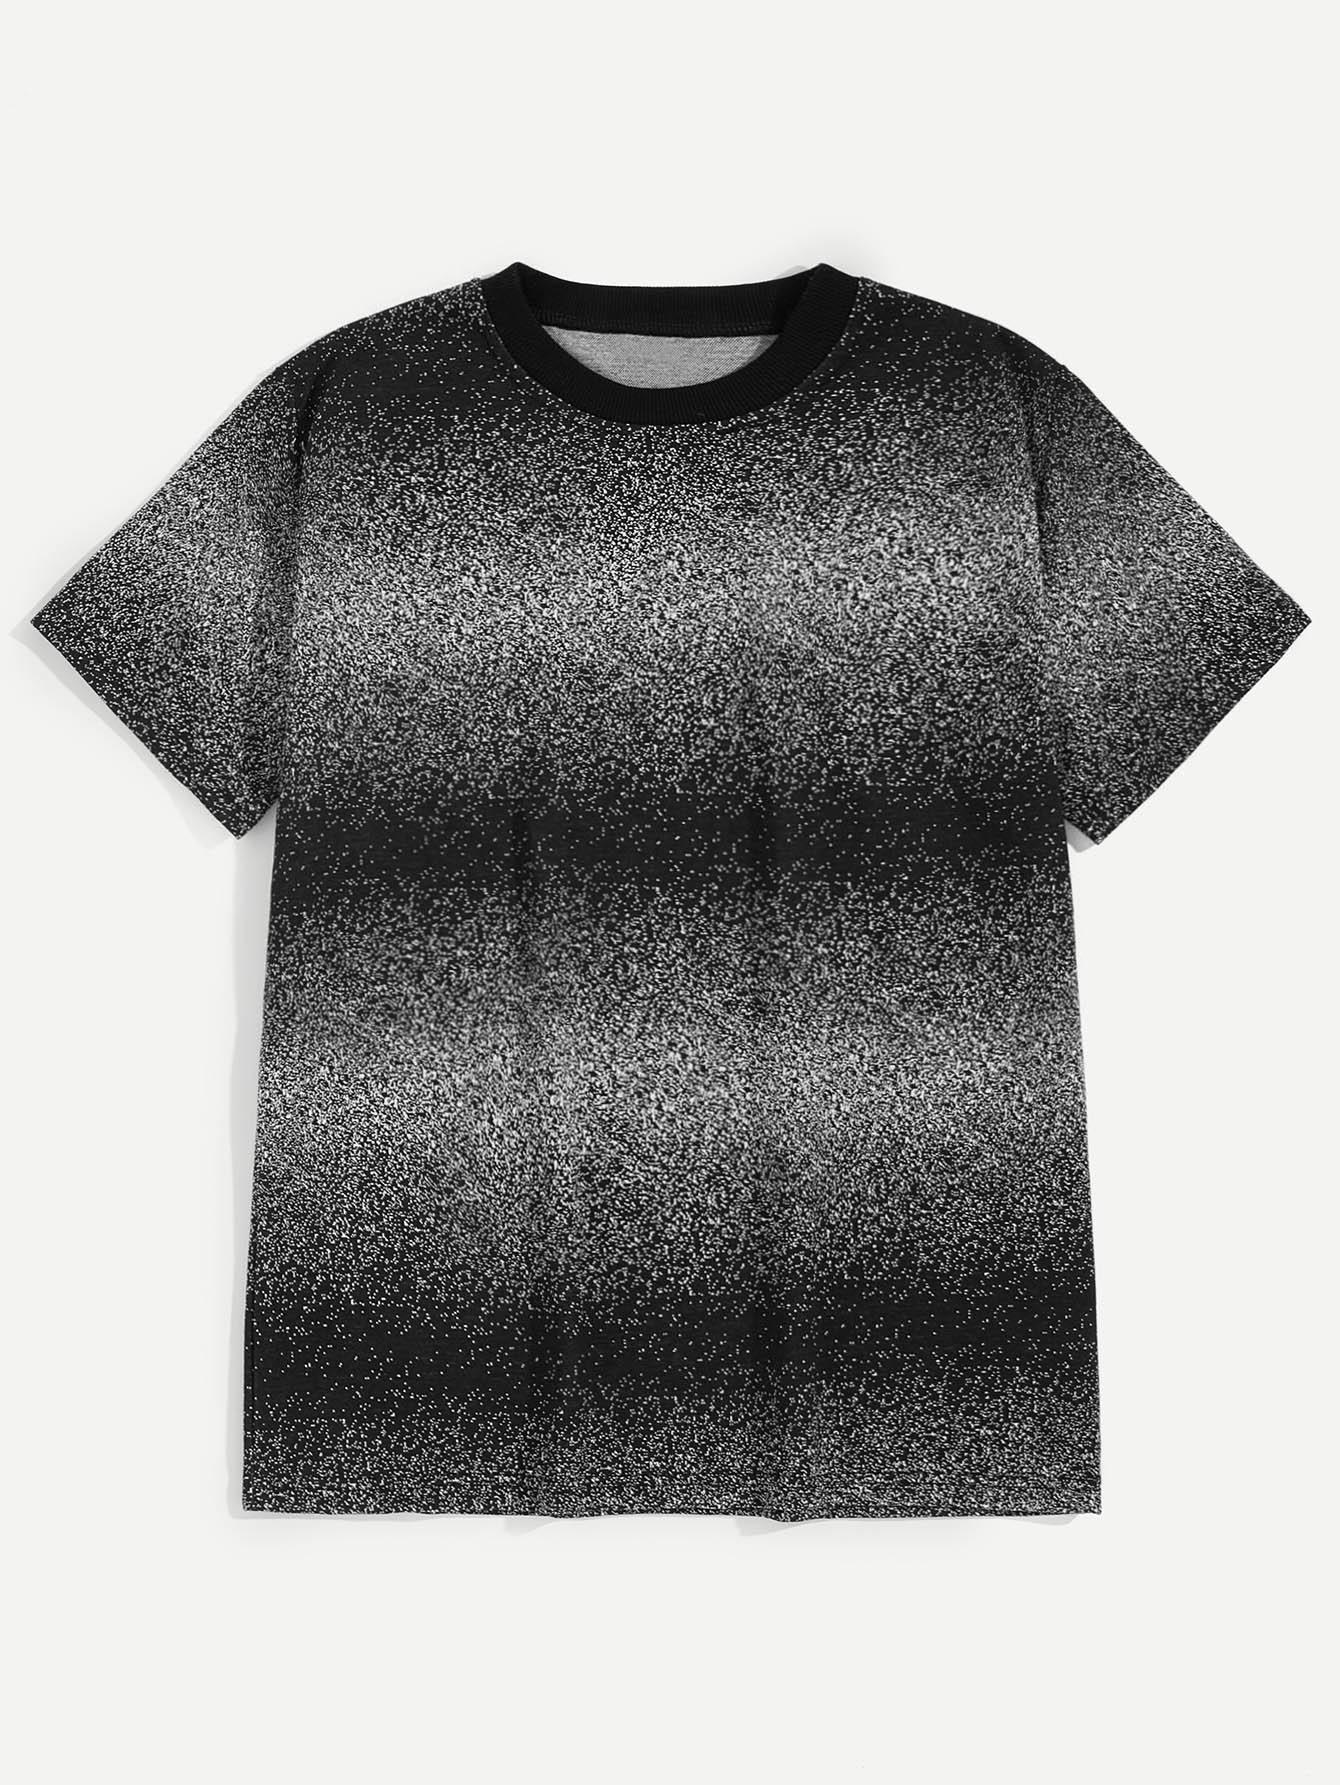 77d8dd217c Men Ombre Space Dye Tee EmmaCloth-Women Fast Fashion Online